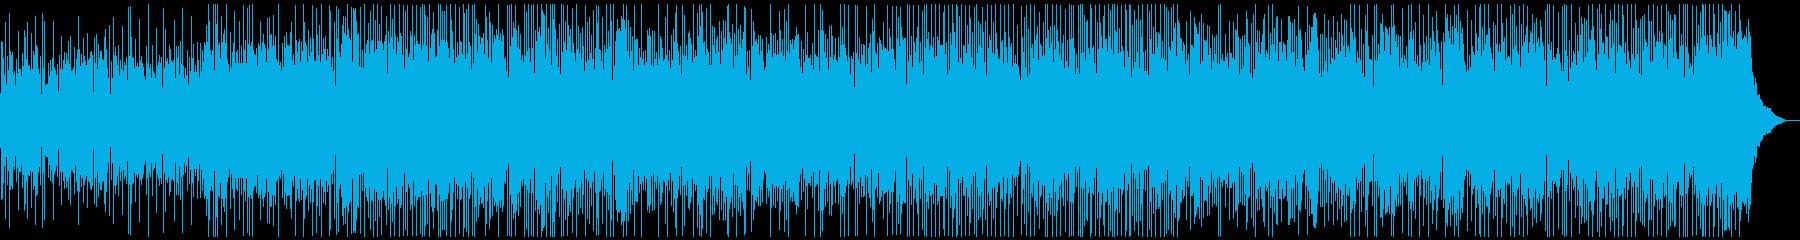 ほのぼのとしたマンドリンカントリーBGMの再生済みの波形